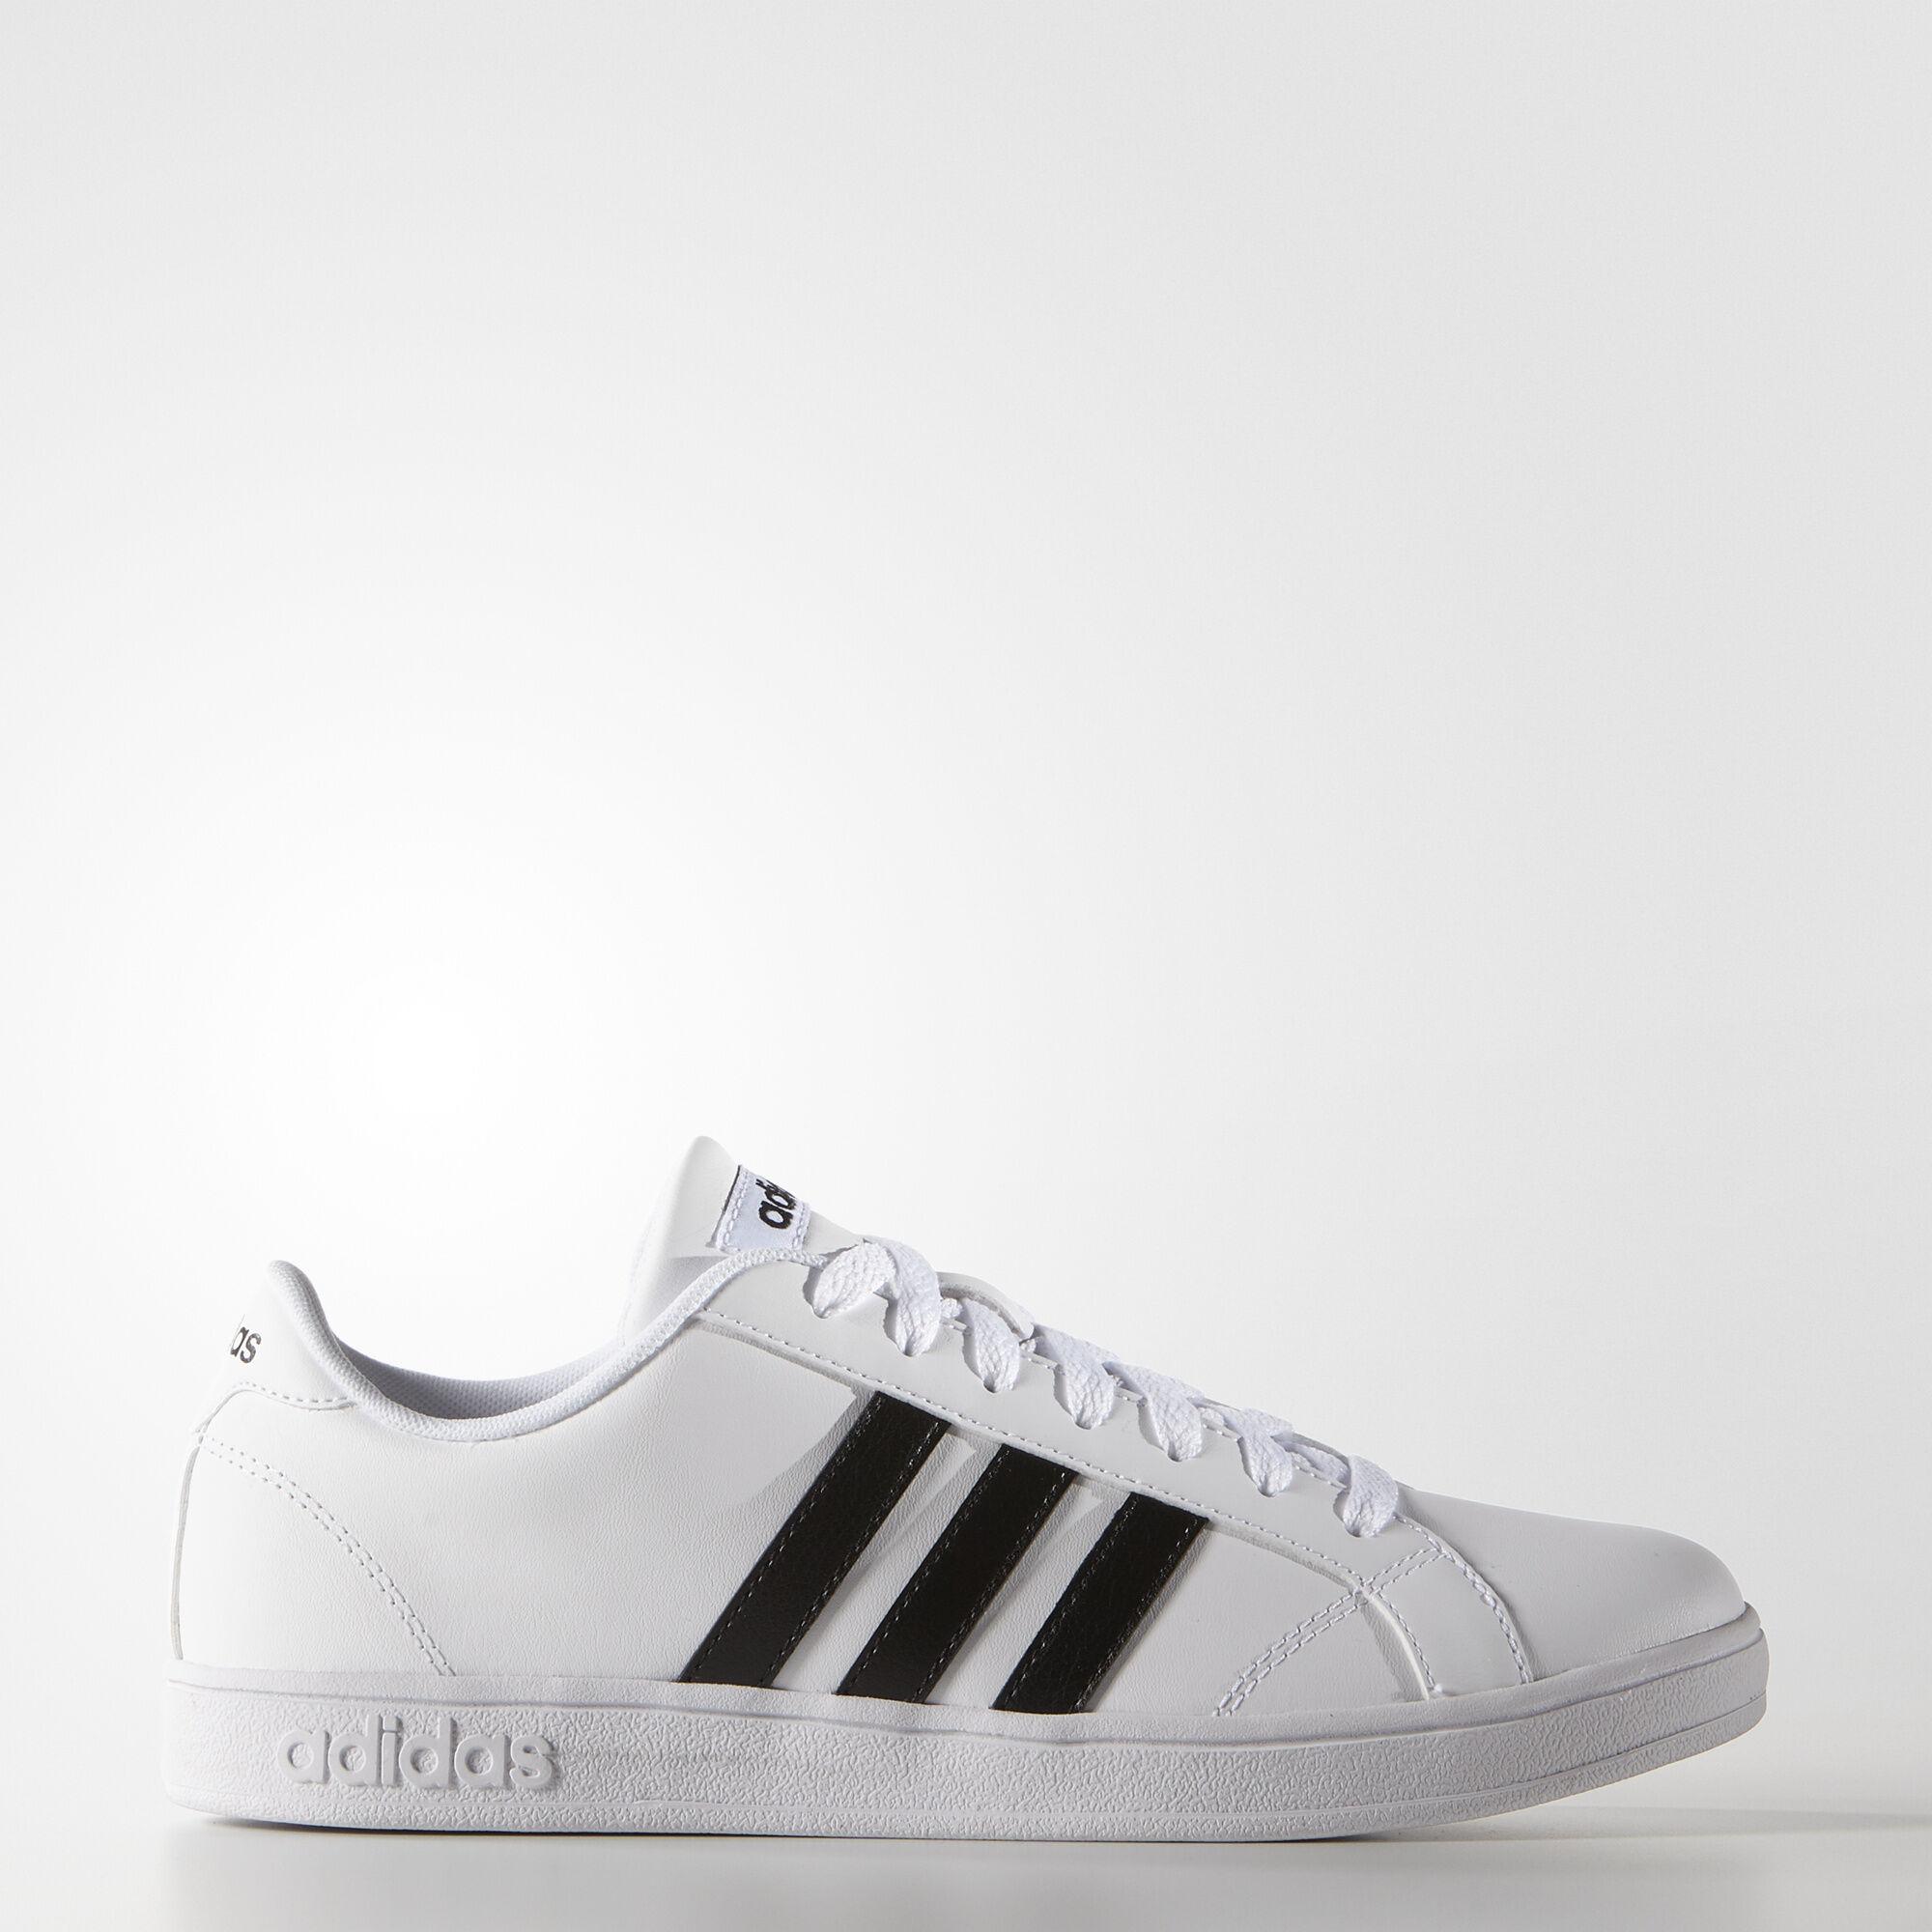 adidas baseline shoes white adidas us